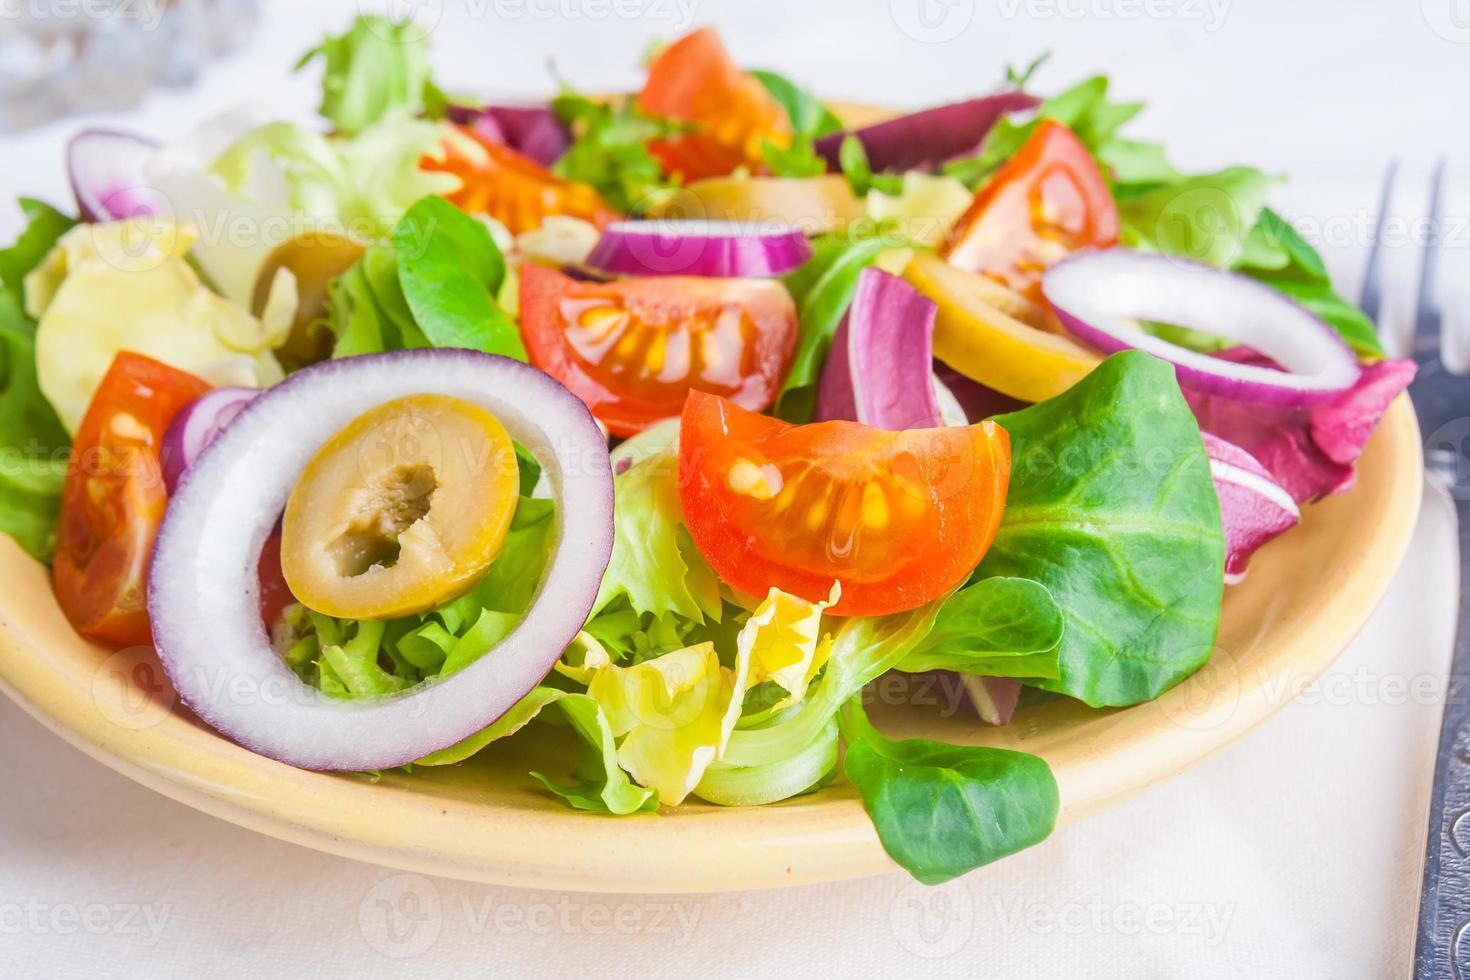 insalata vegetariana con lattuga, pomodori, olive e cipolle foto